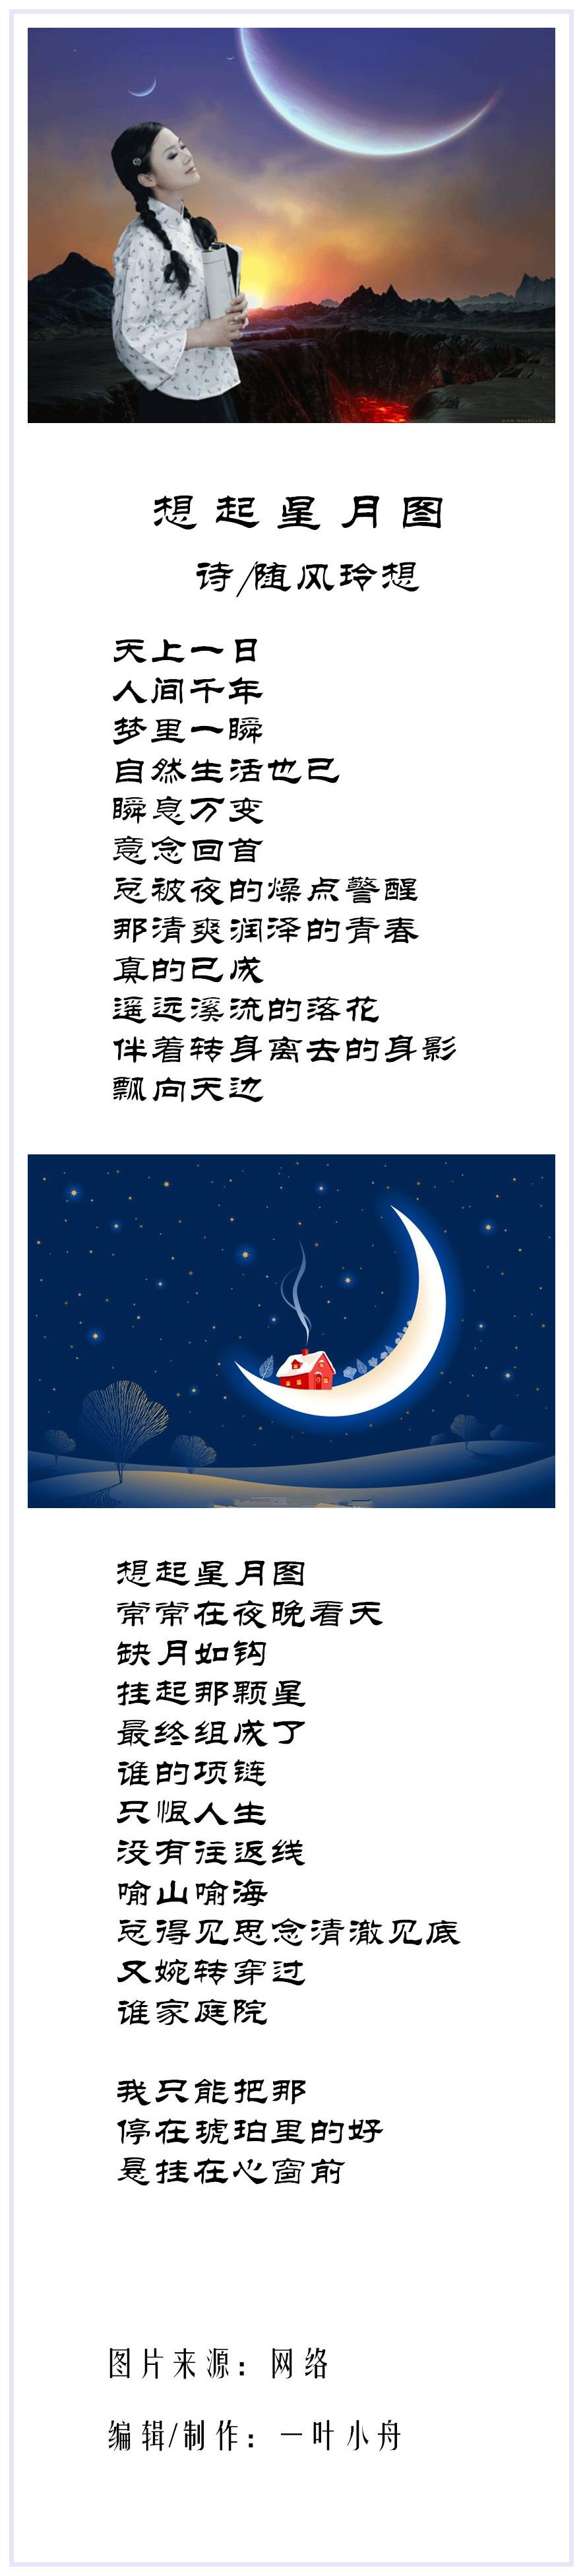 想起星月图诗合成2